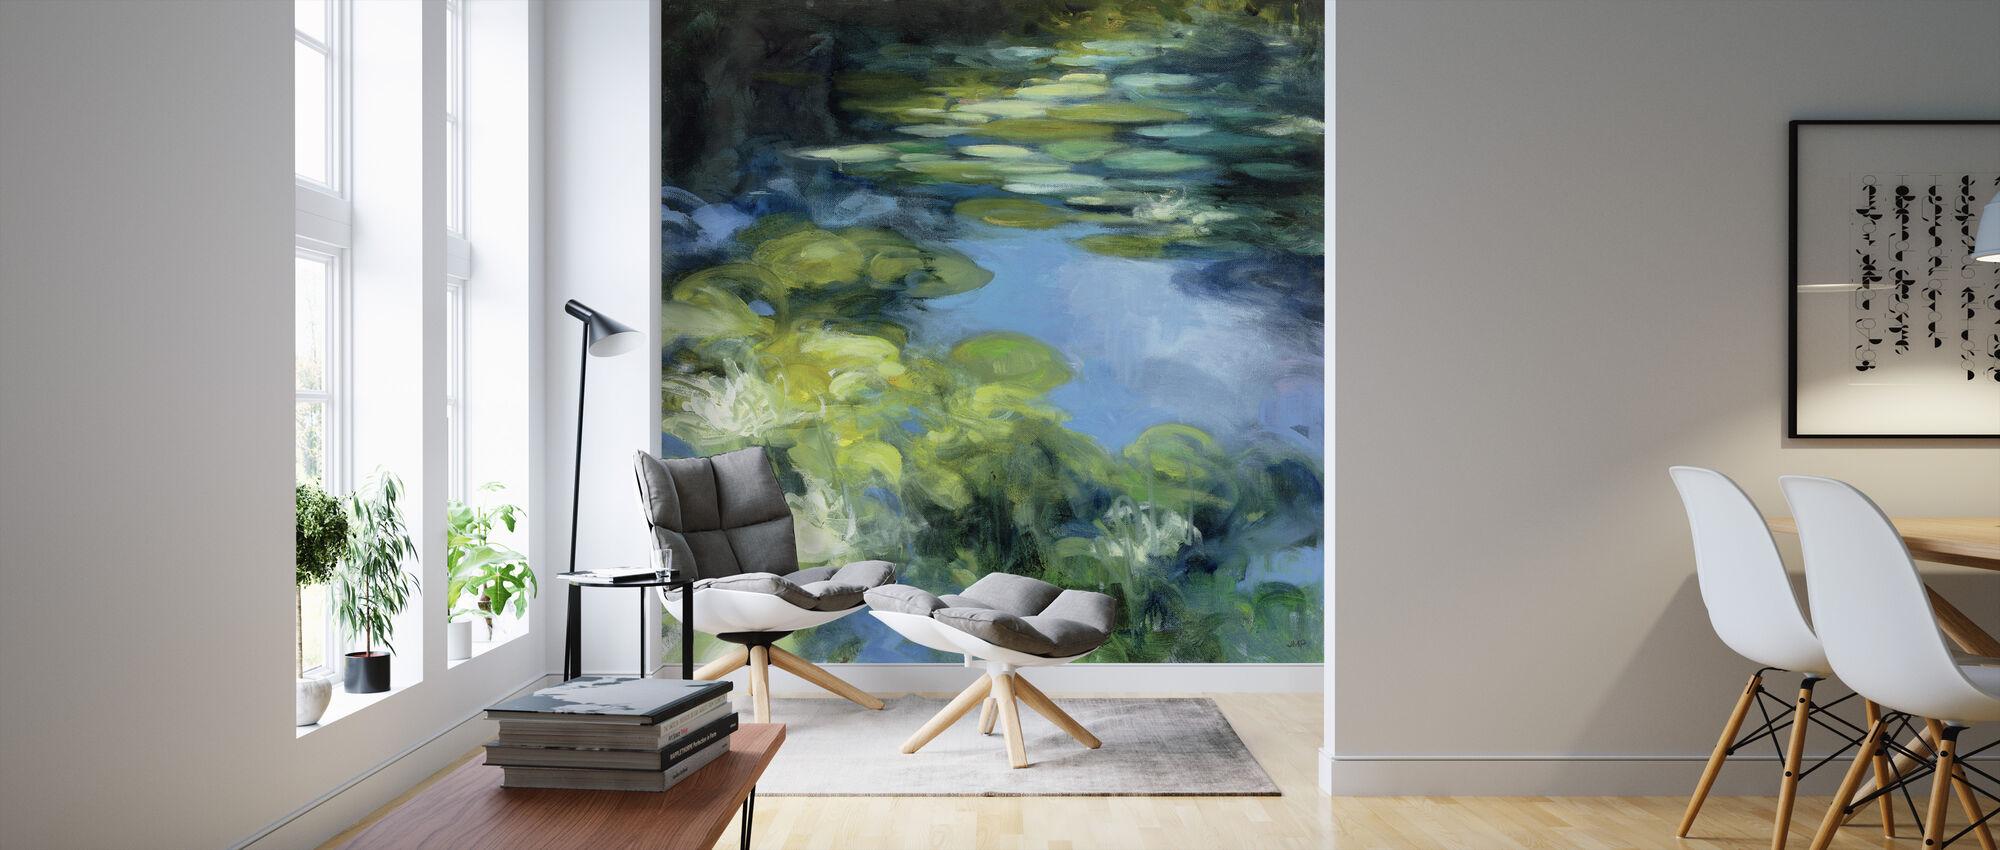 Water Lilies II - Wallpaper - Living Room